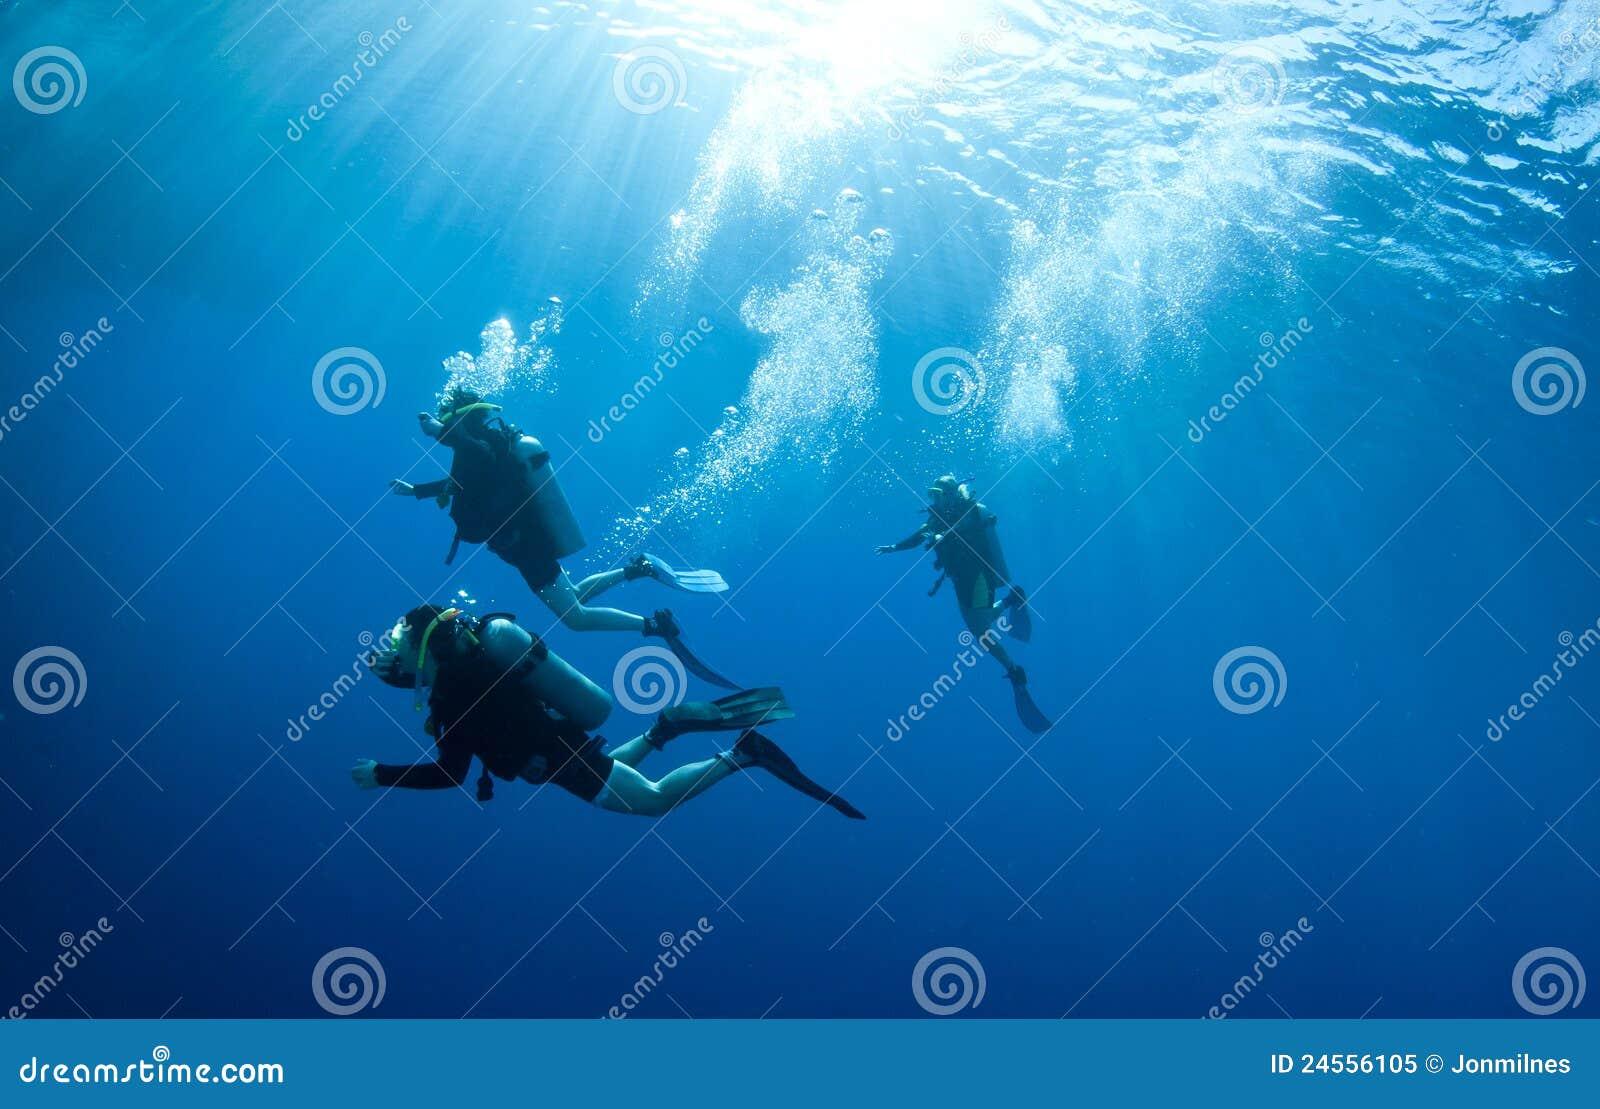 Scuba-duikers accend van een duikvlucht